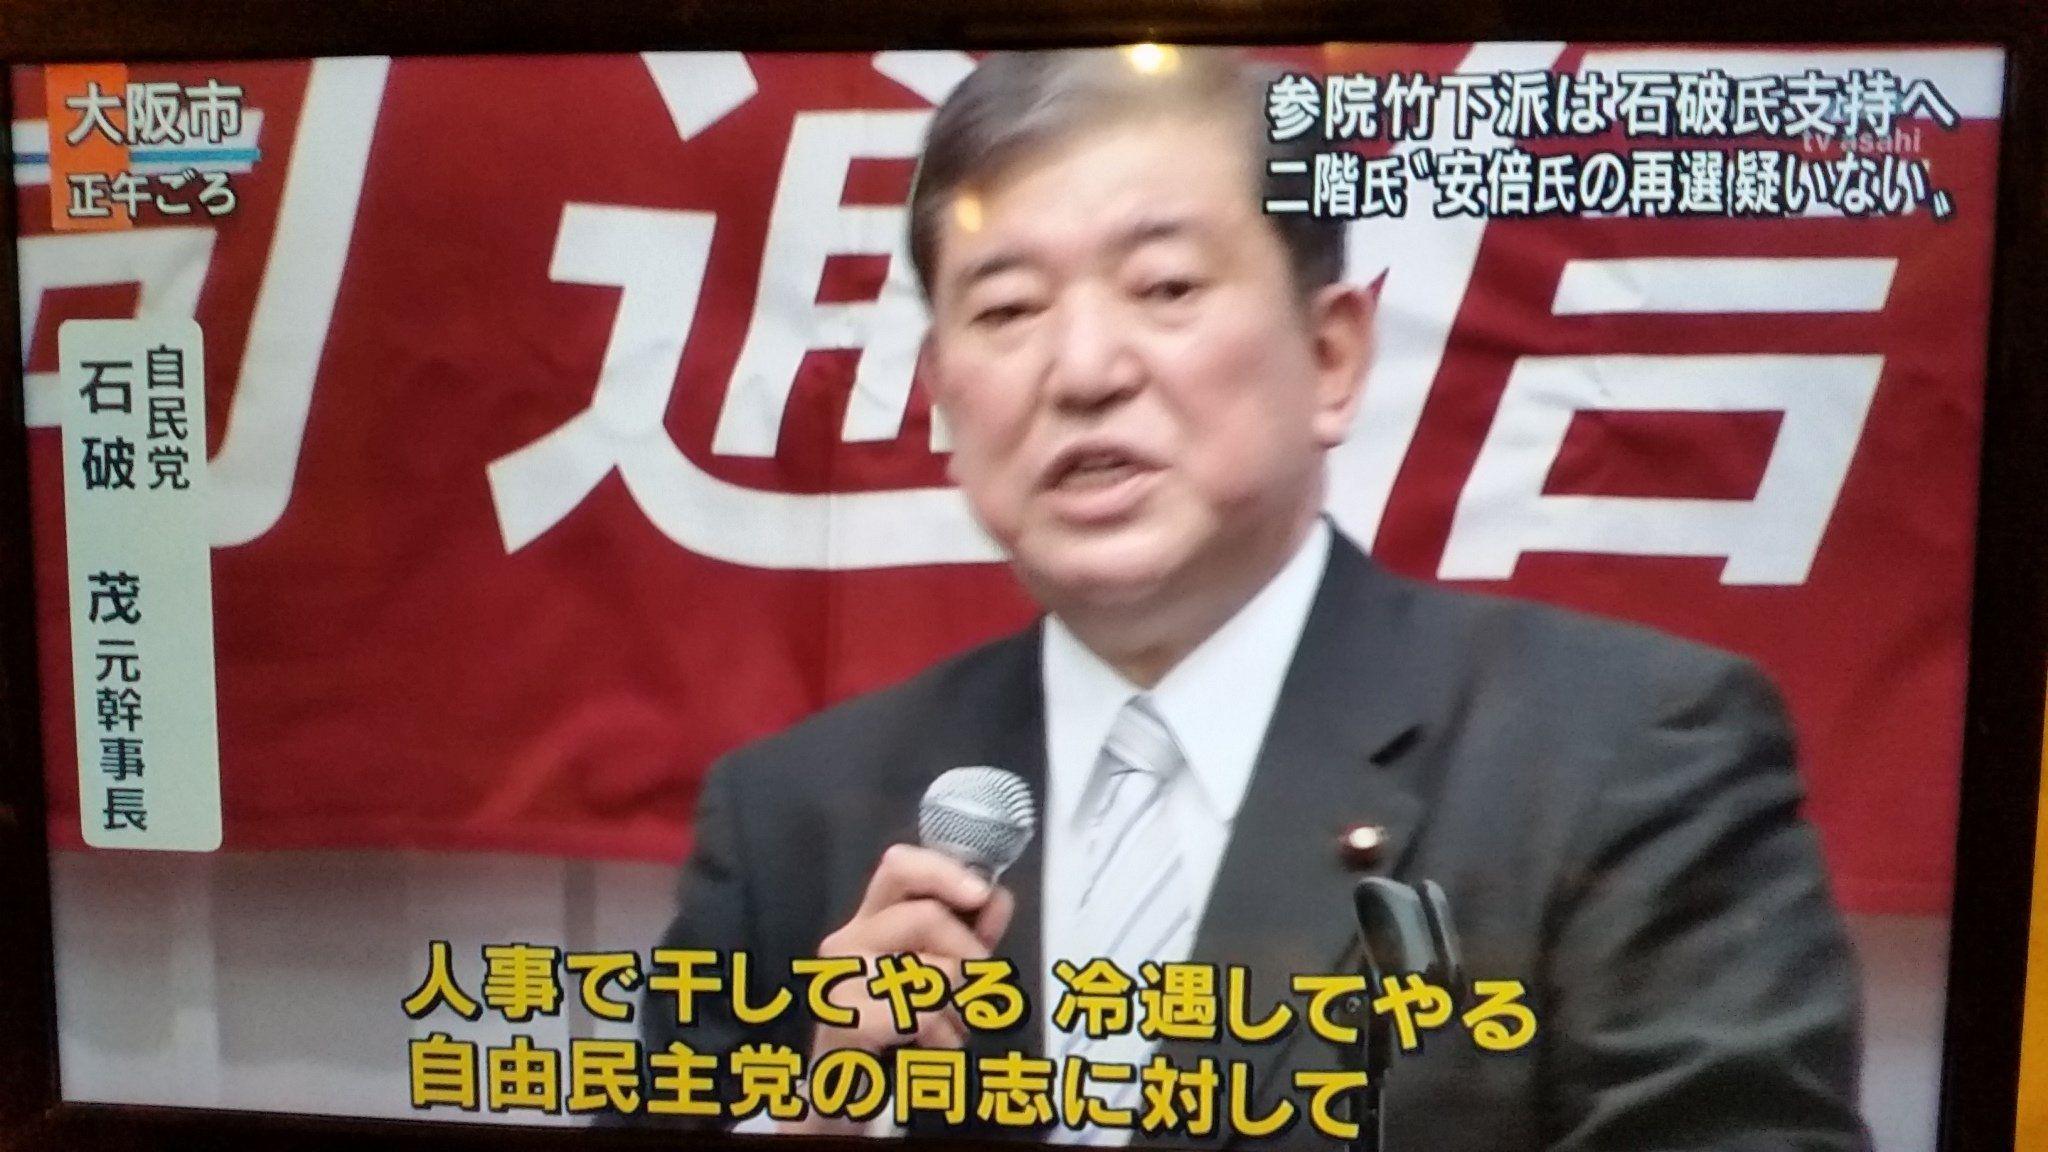 桐 永 洋 チーフ プロデューサー